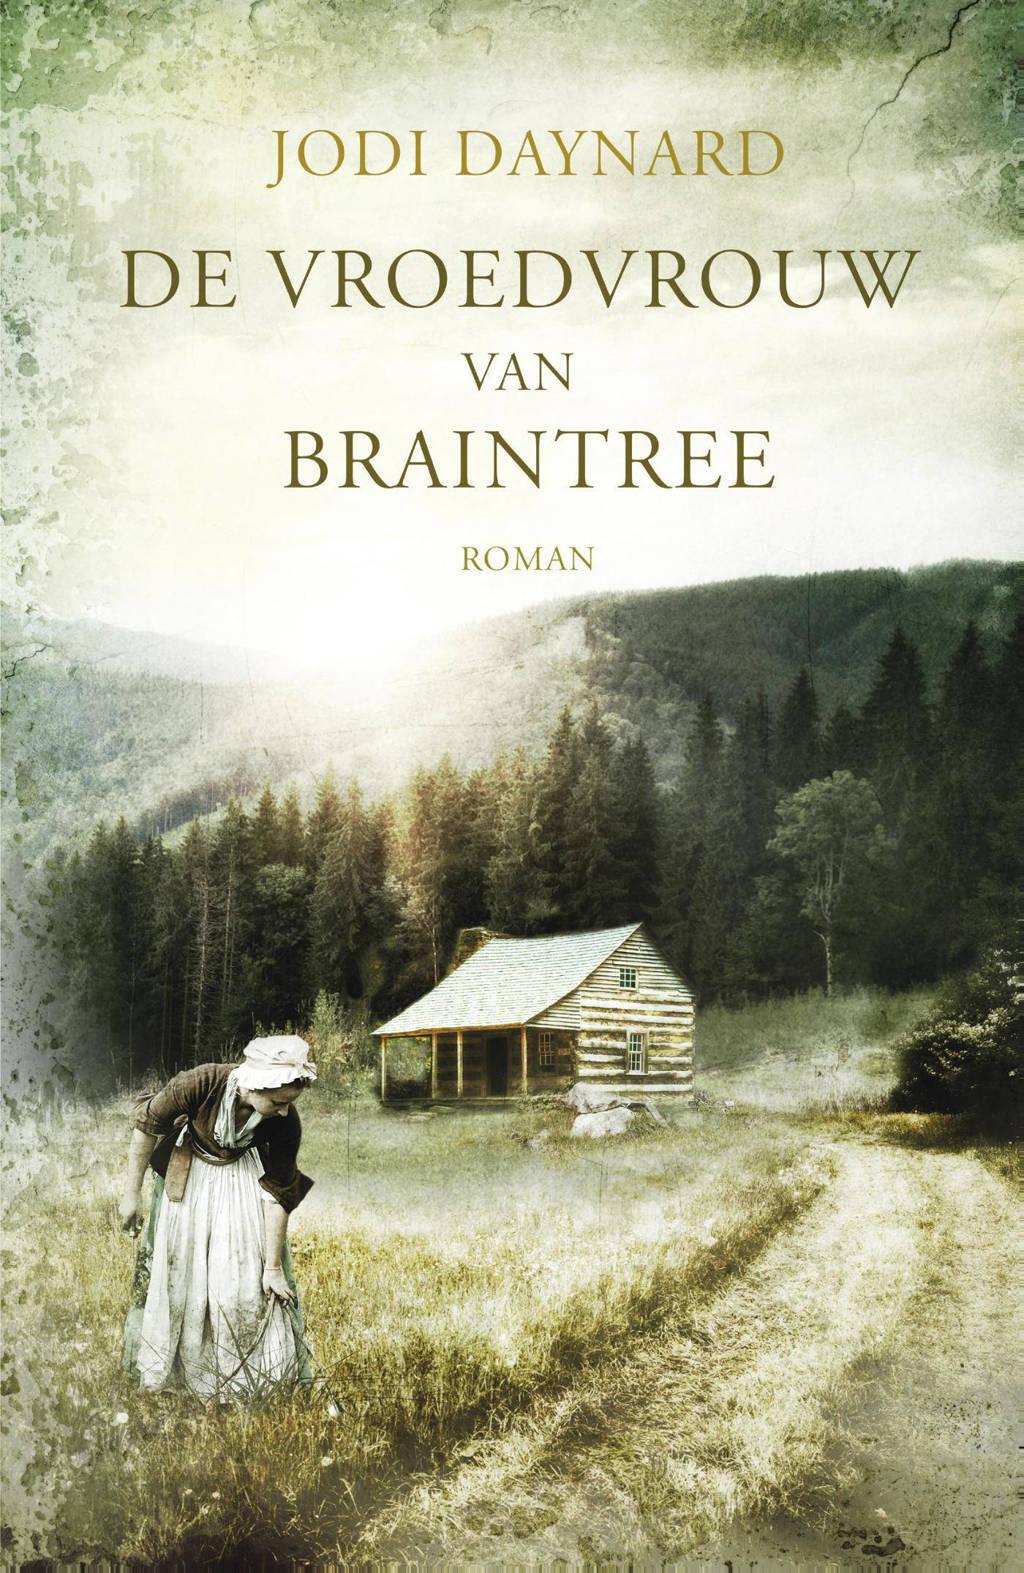 De vroedvrouw van Braintree - Jodi Daynard